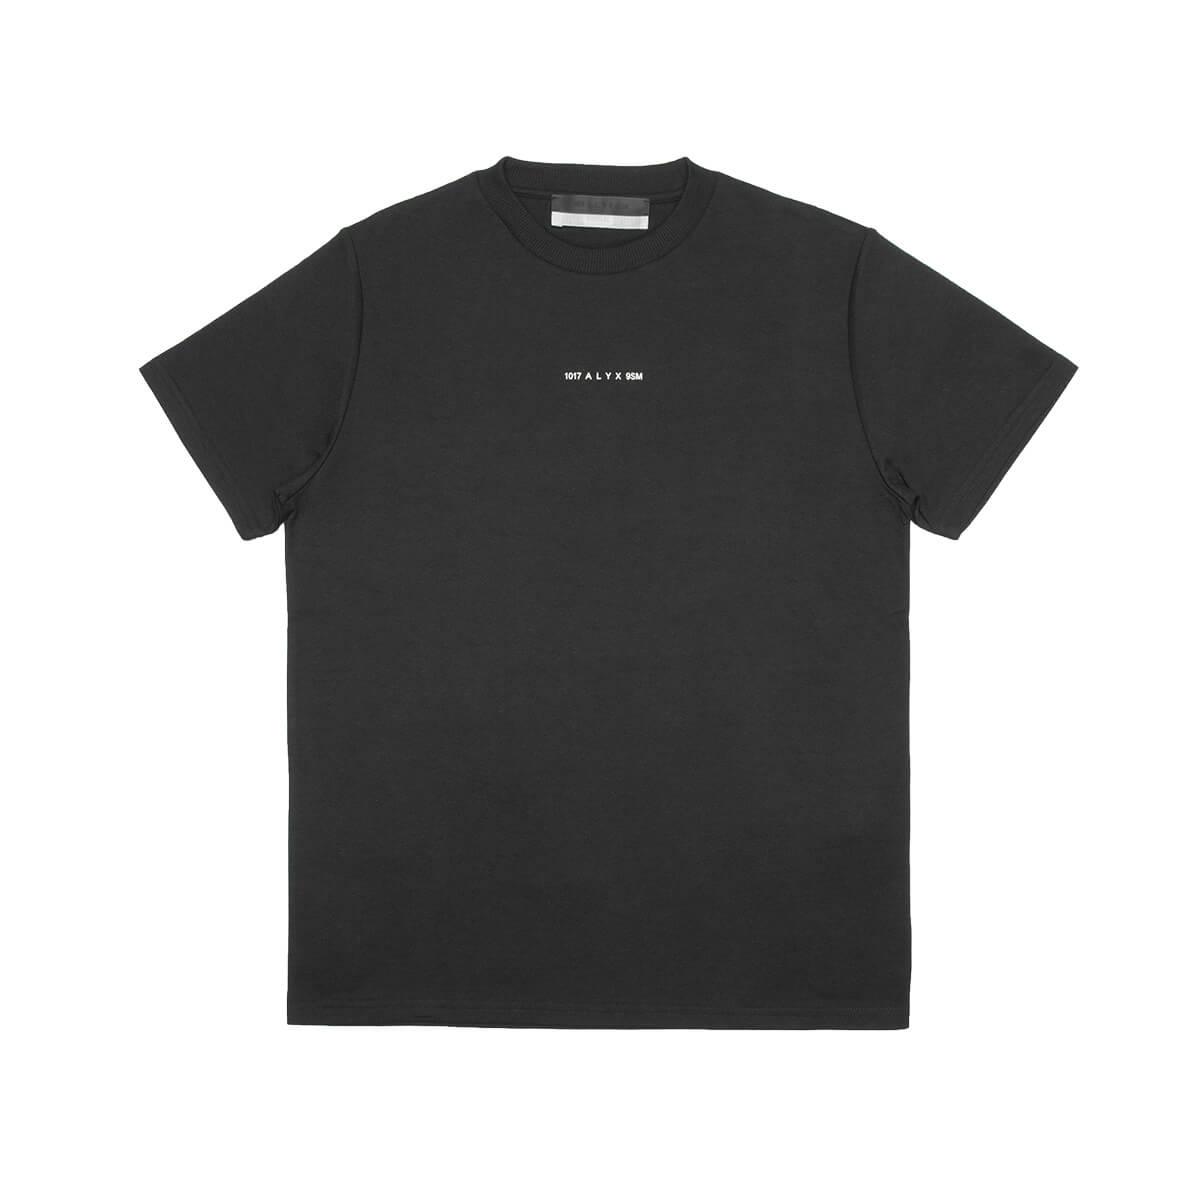 Alyx BLACK T-SHIRT VISUAL